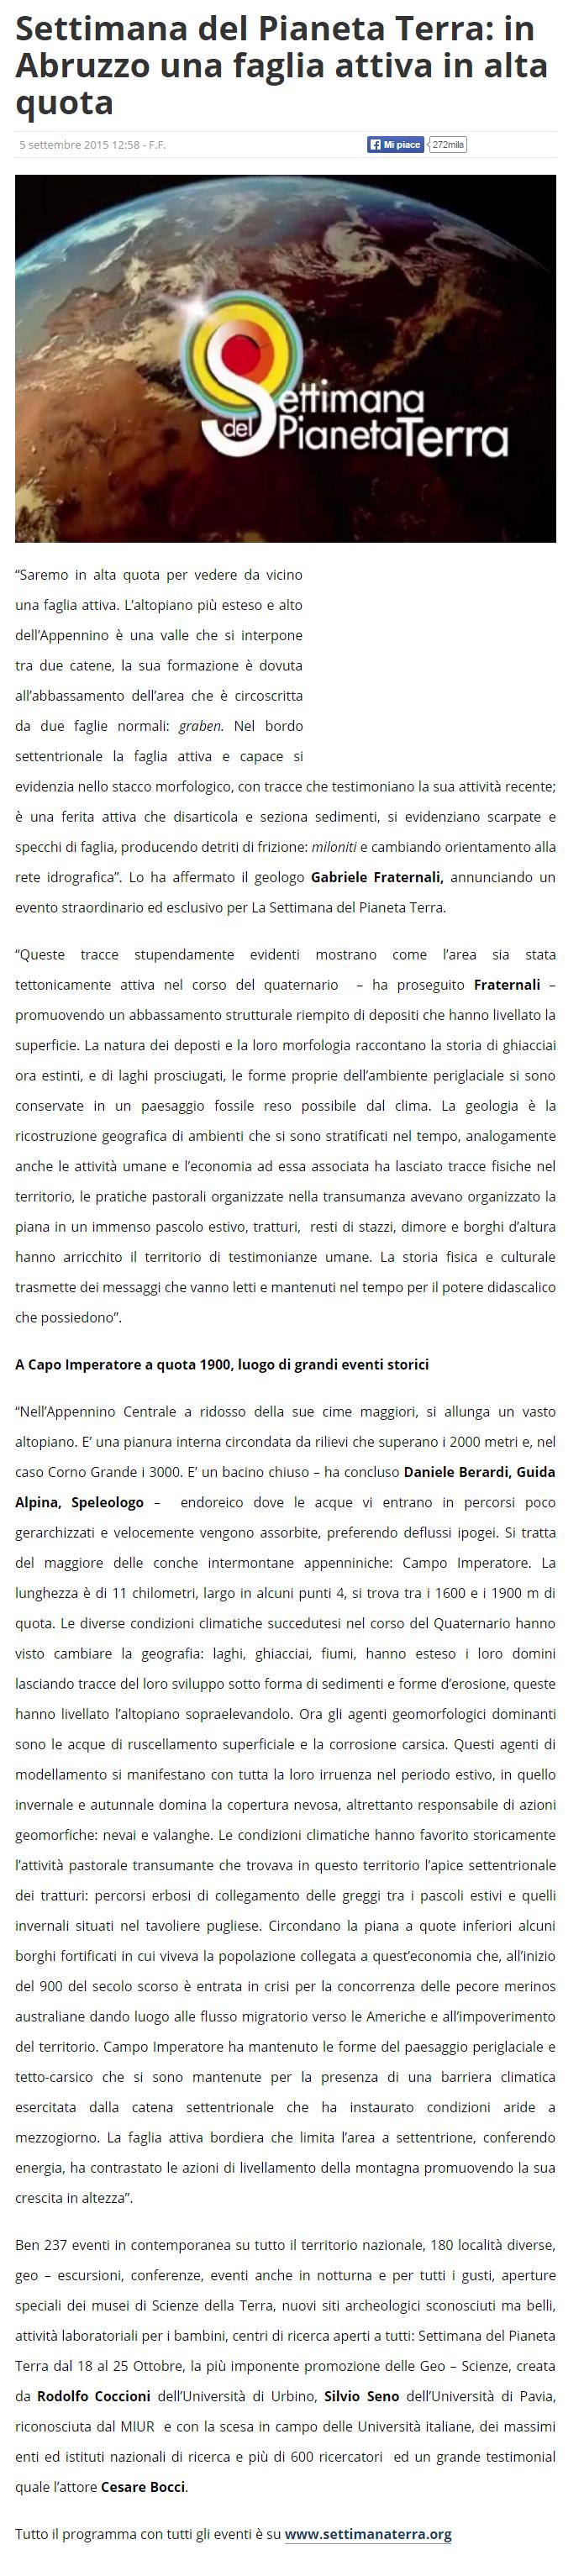 RELAZIONE CONCERNENTE I RISULTATI DELLE ATTIVITA DI RICERCA DI